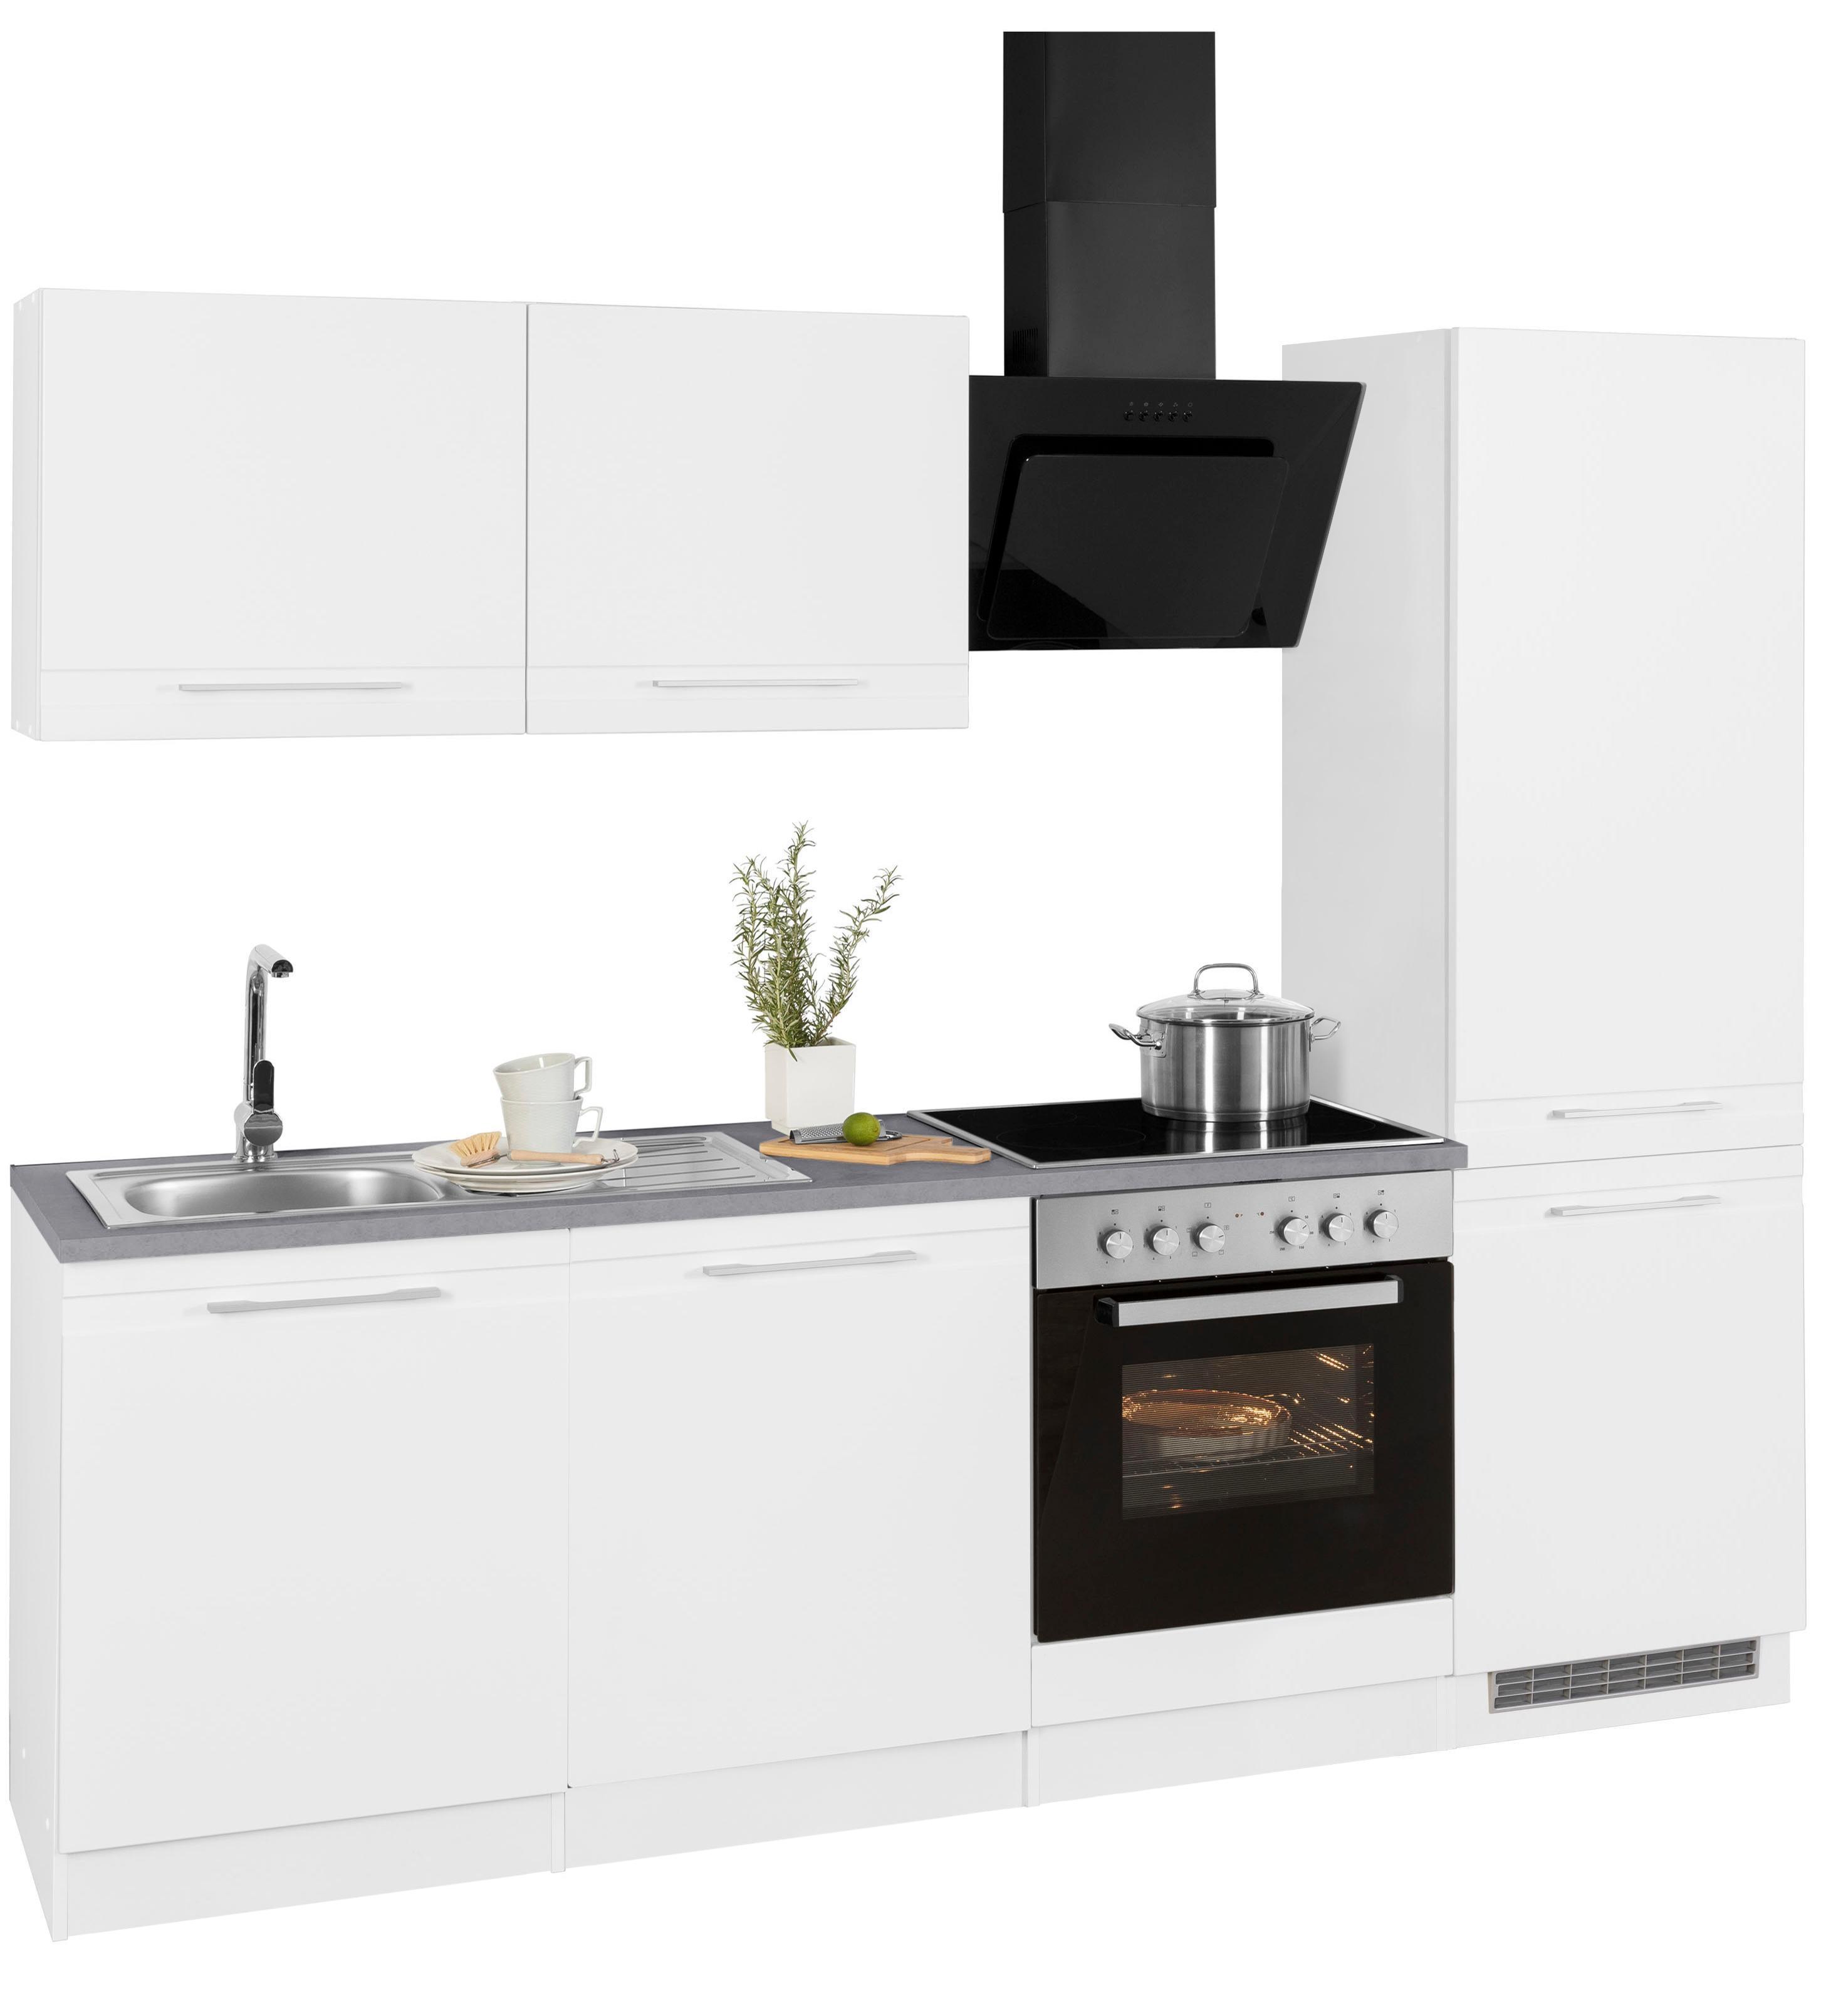 HELD MÖBEL Küchenzeile Mito mit E-Geräten Breite 240 cm | Küche und Esszimmer > Küchen > Küchenzeilen | Weiß | Held Möbel